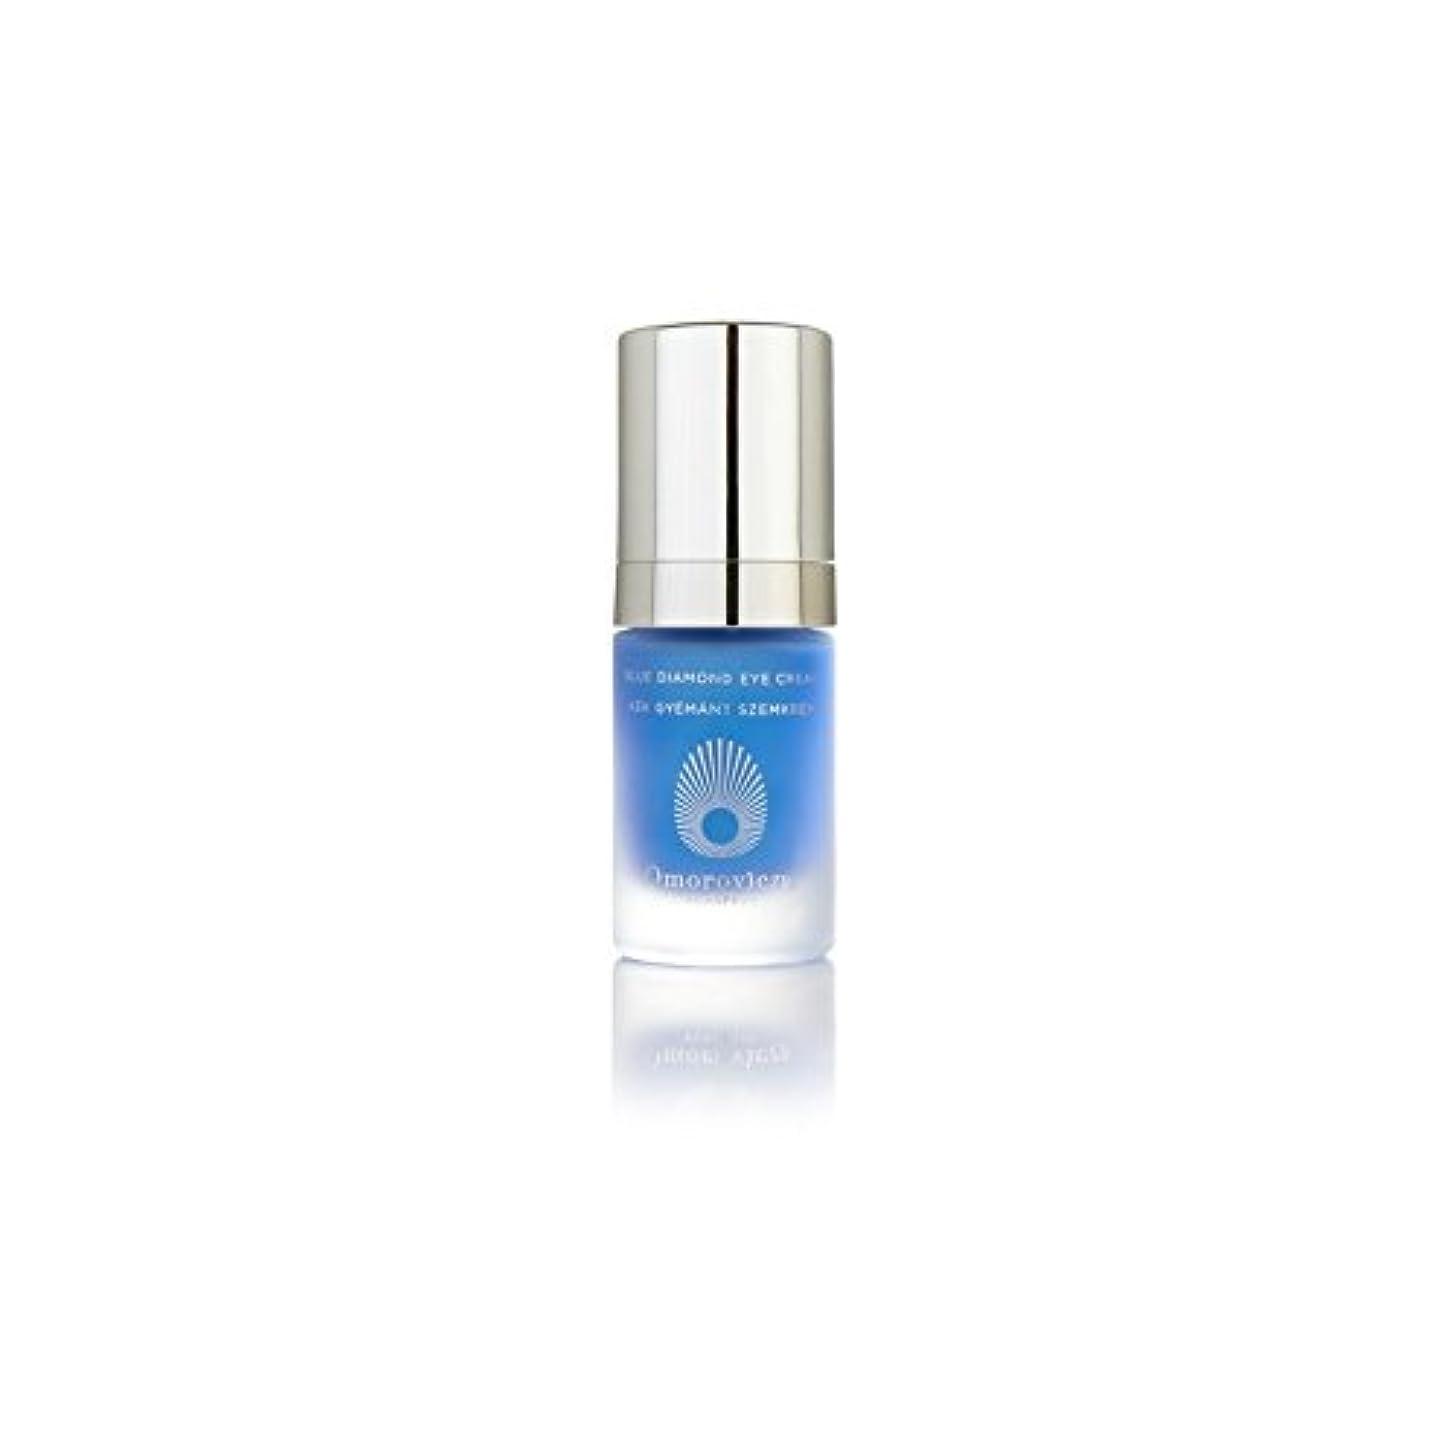 種類農民ボランティアOmorovicza Blue Diamond Eye Cream (15ml) - ブルーダイヤモンドアイクリーム(15ミリリットル) [並行輸入品]